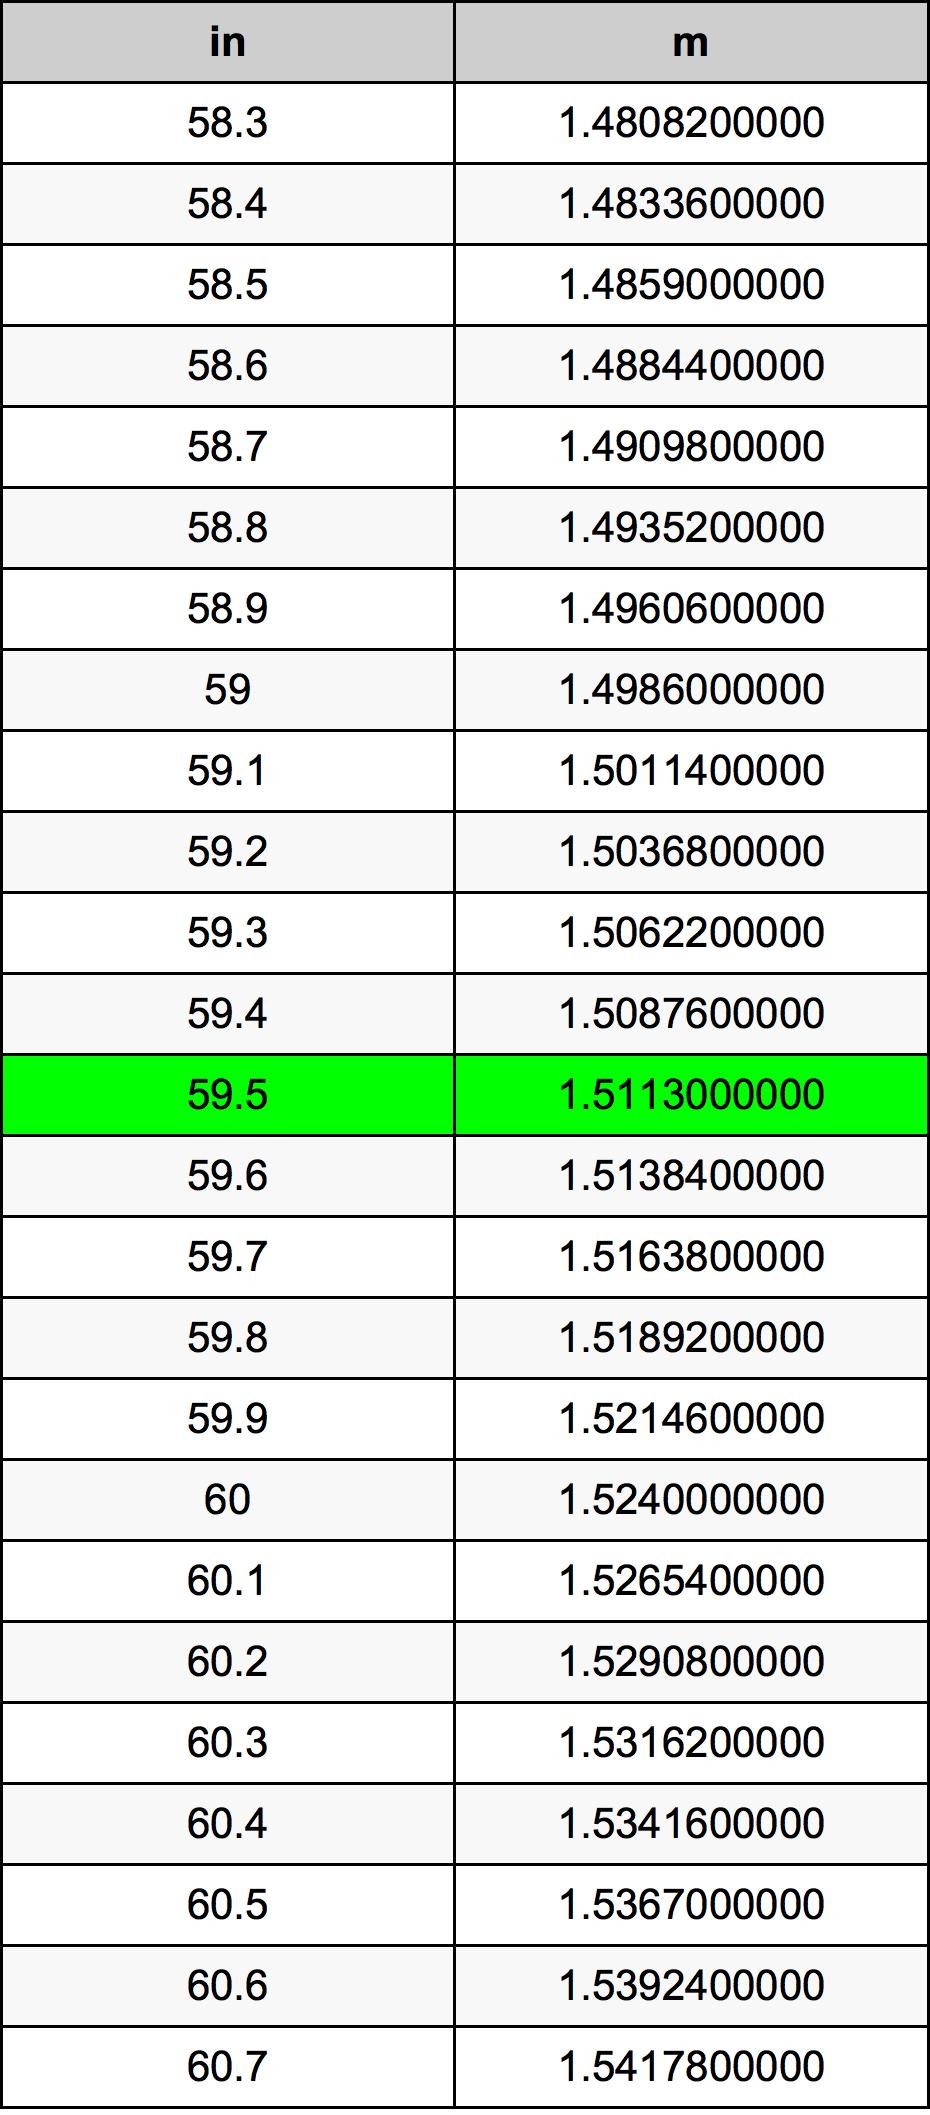 59.5 Tomme konverteringstabellen